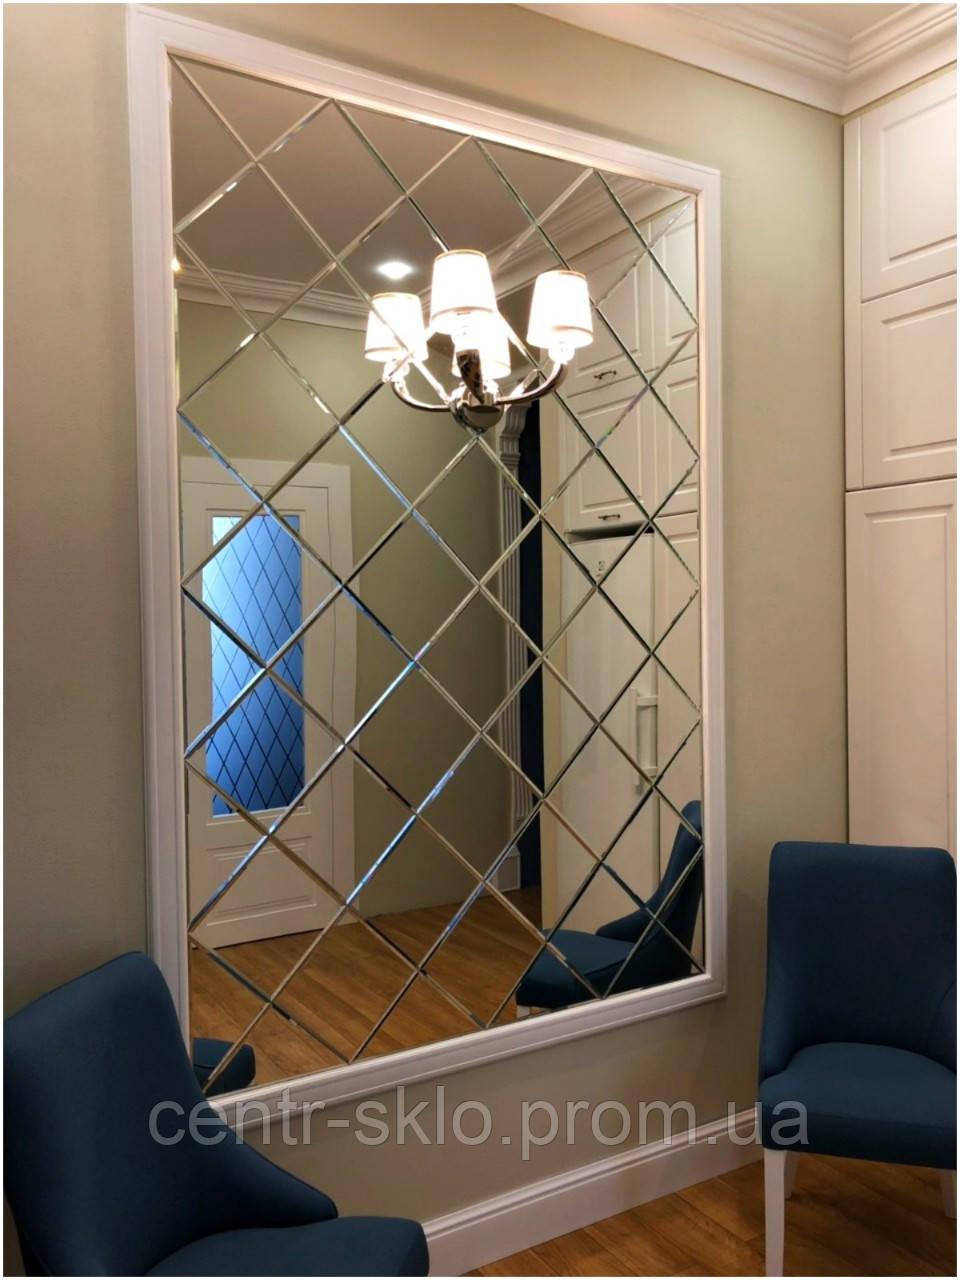 Зеркальная плитка в интерьере.